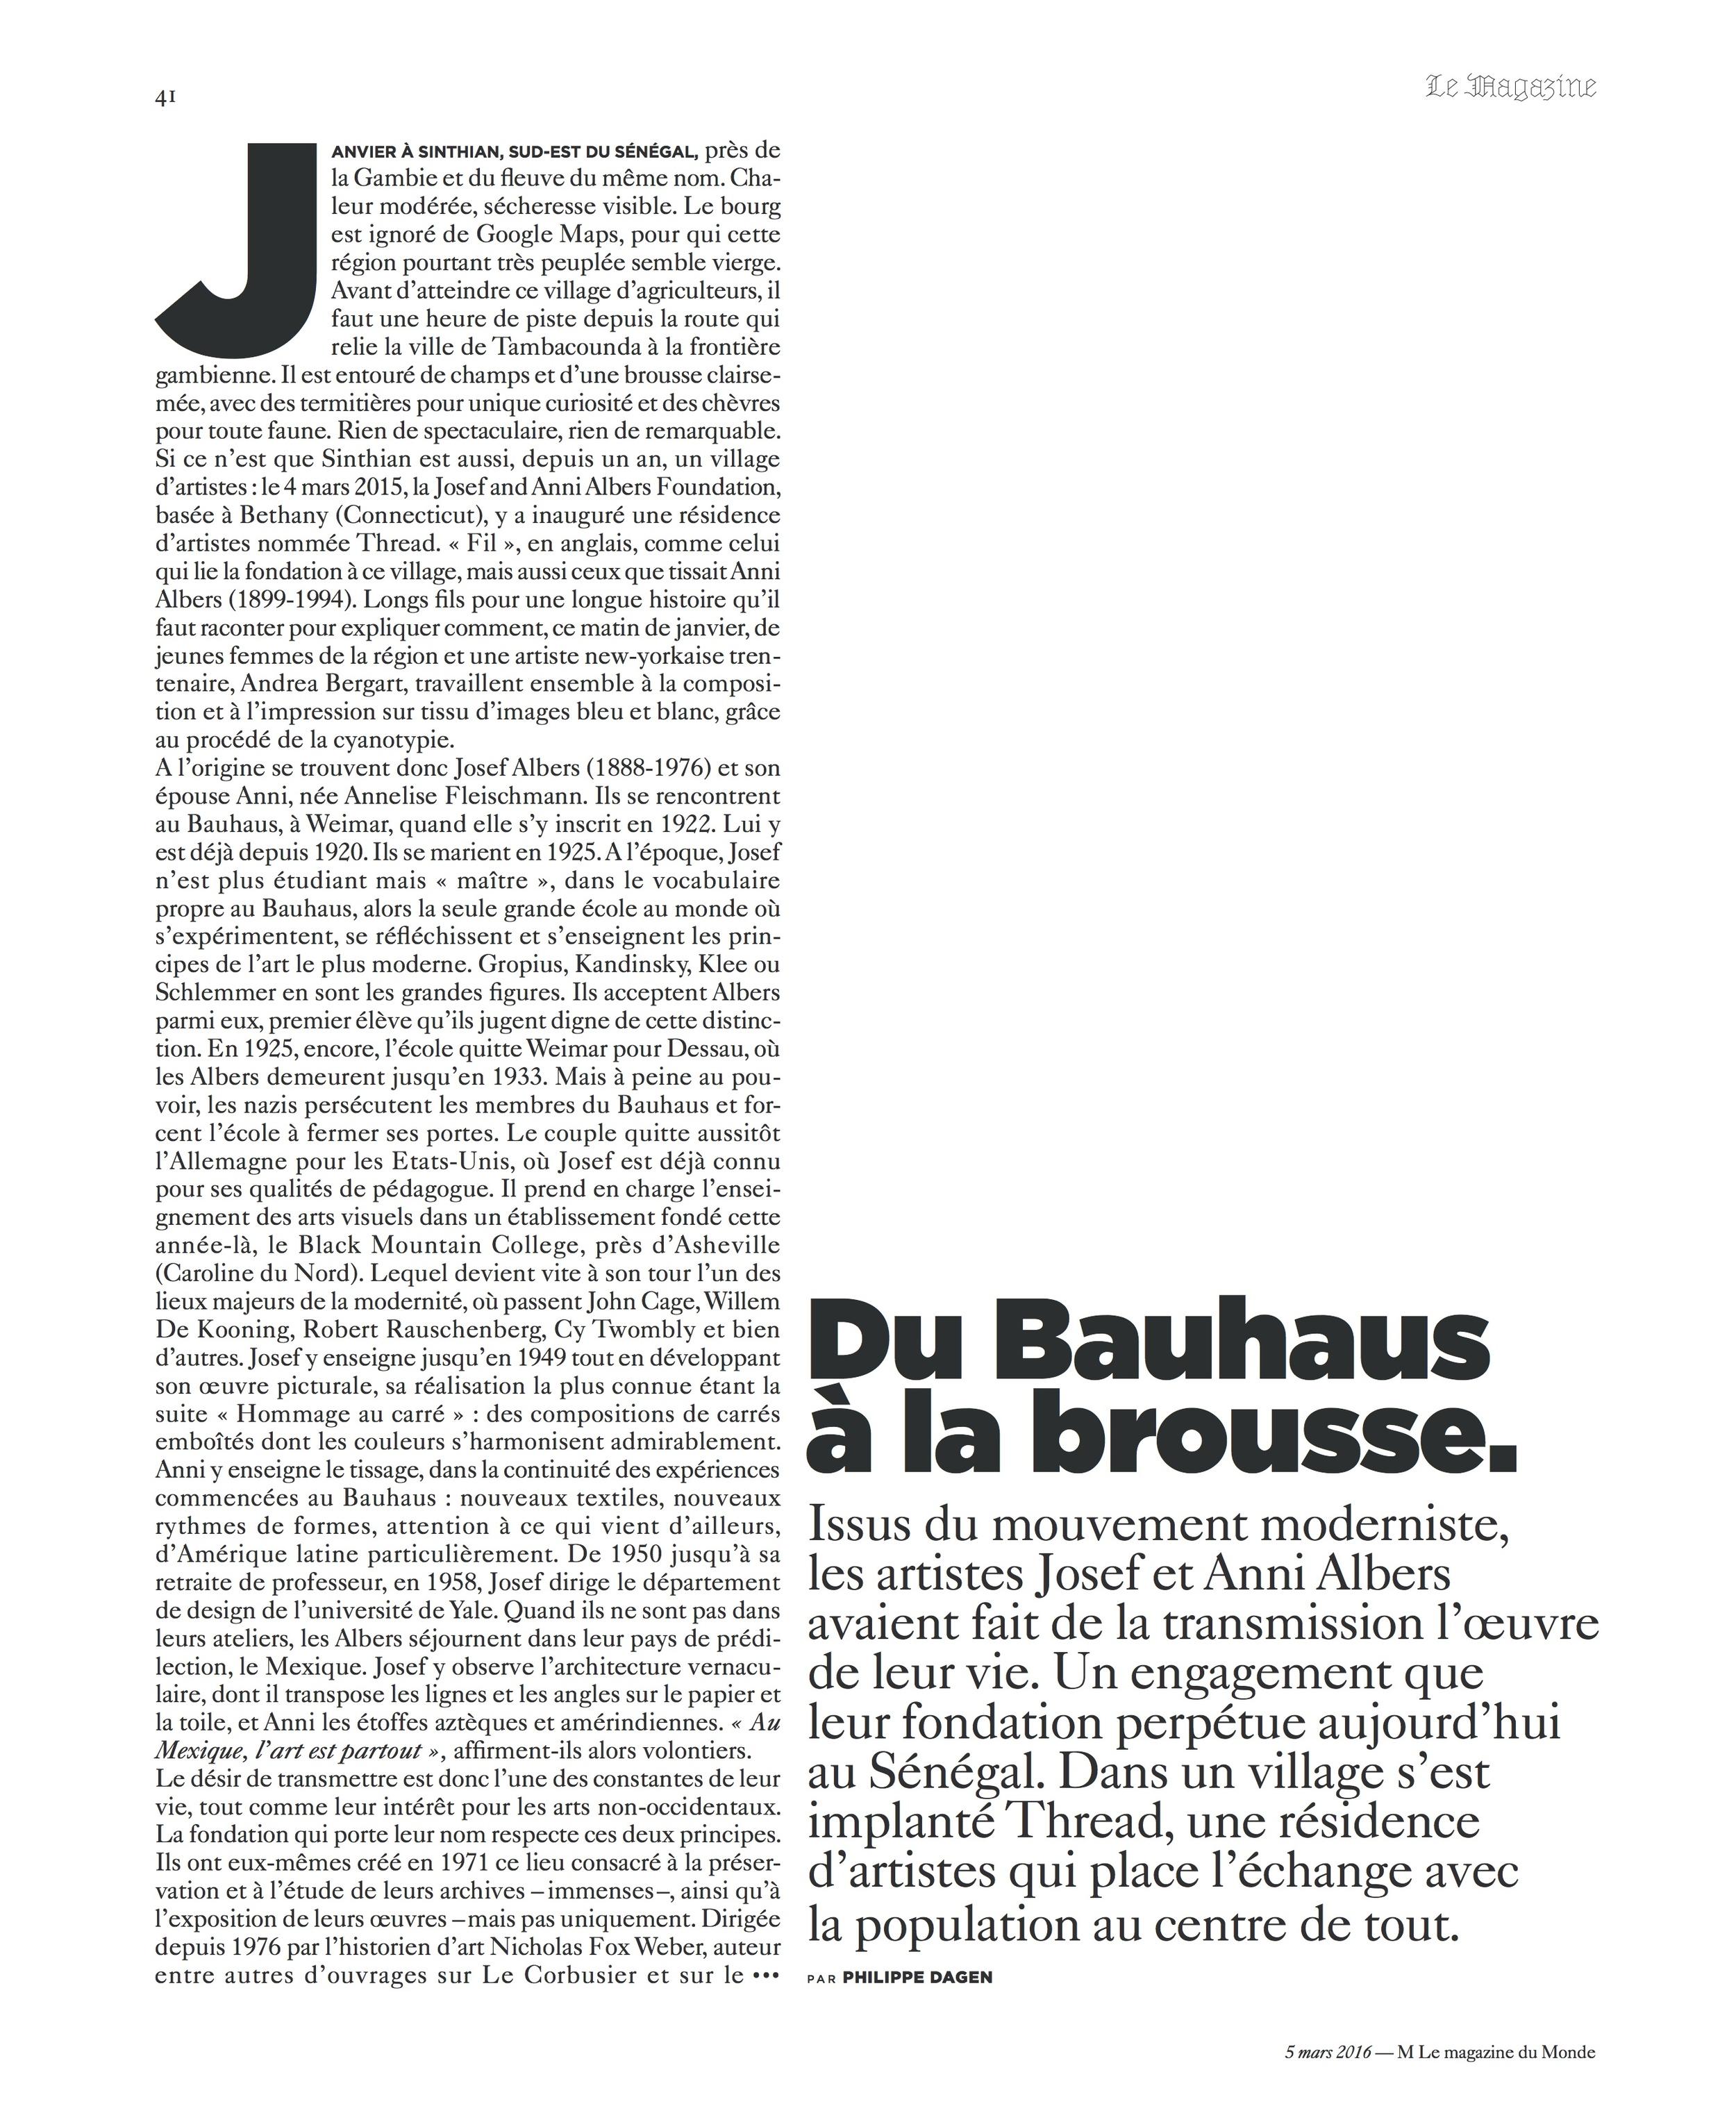 M Le Monde - Thread (2).jpg